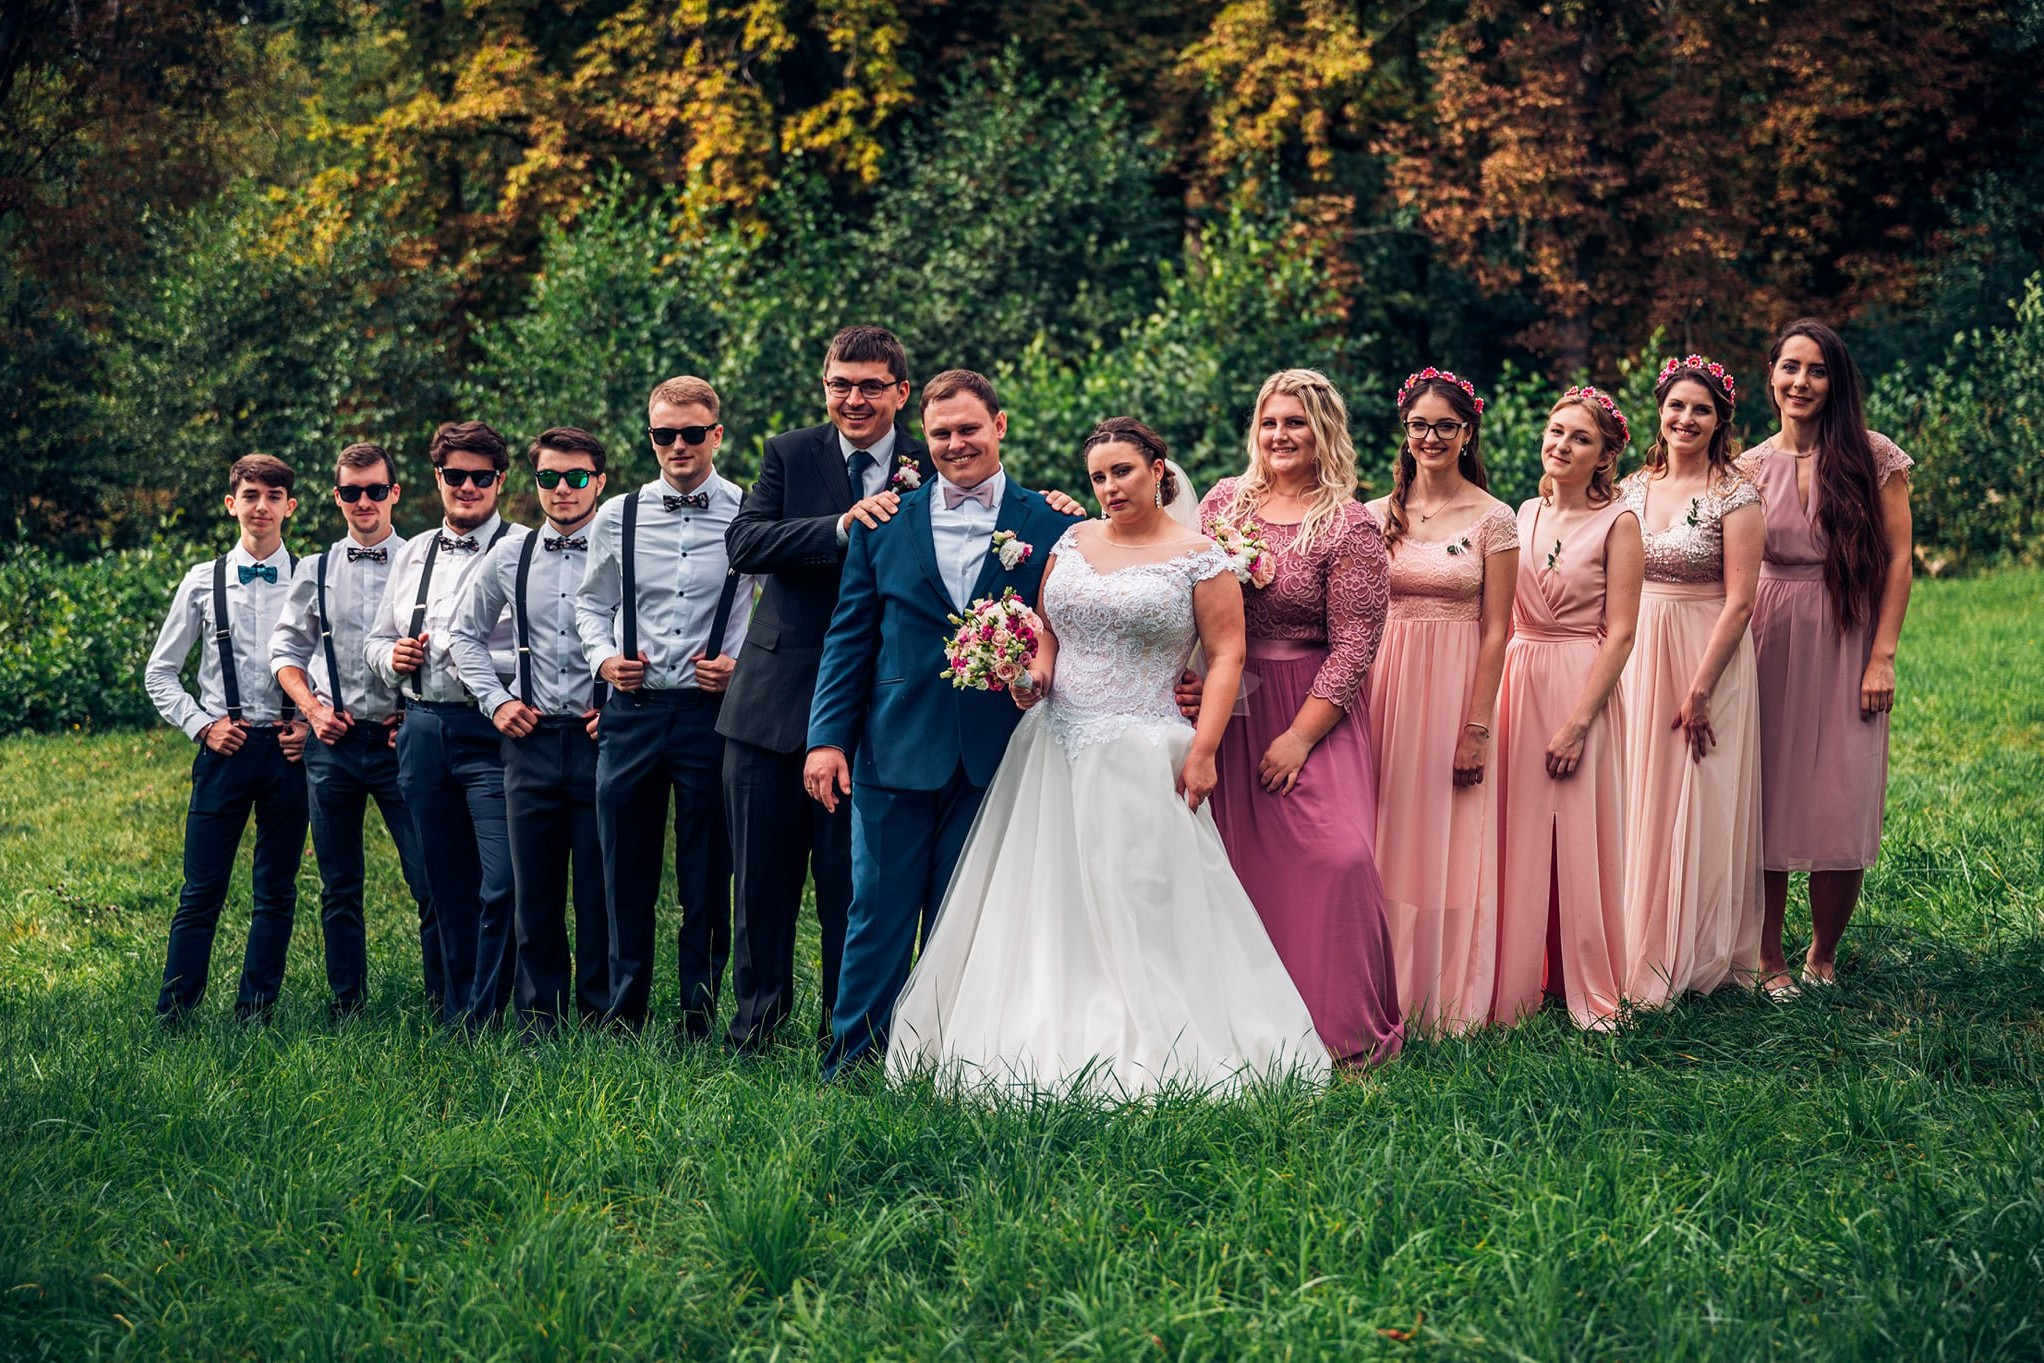 svatba, svatební fotograf, český ráj, jičín, allainova věž, svatební foto Jičín, svatební foto Lomnice nad Popelkou